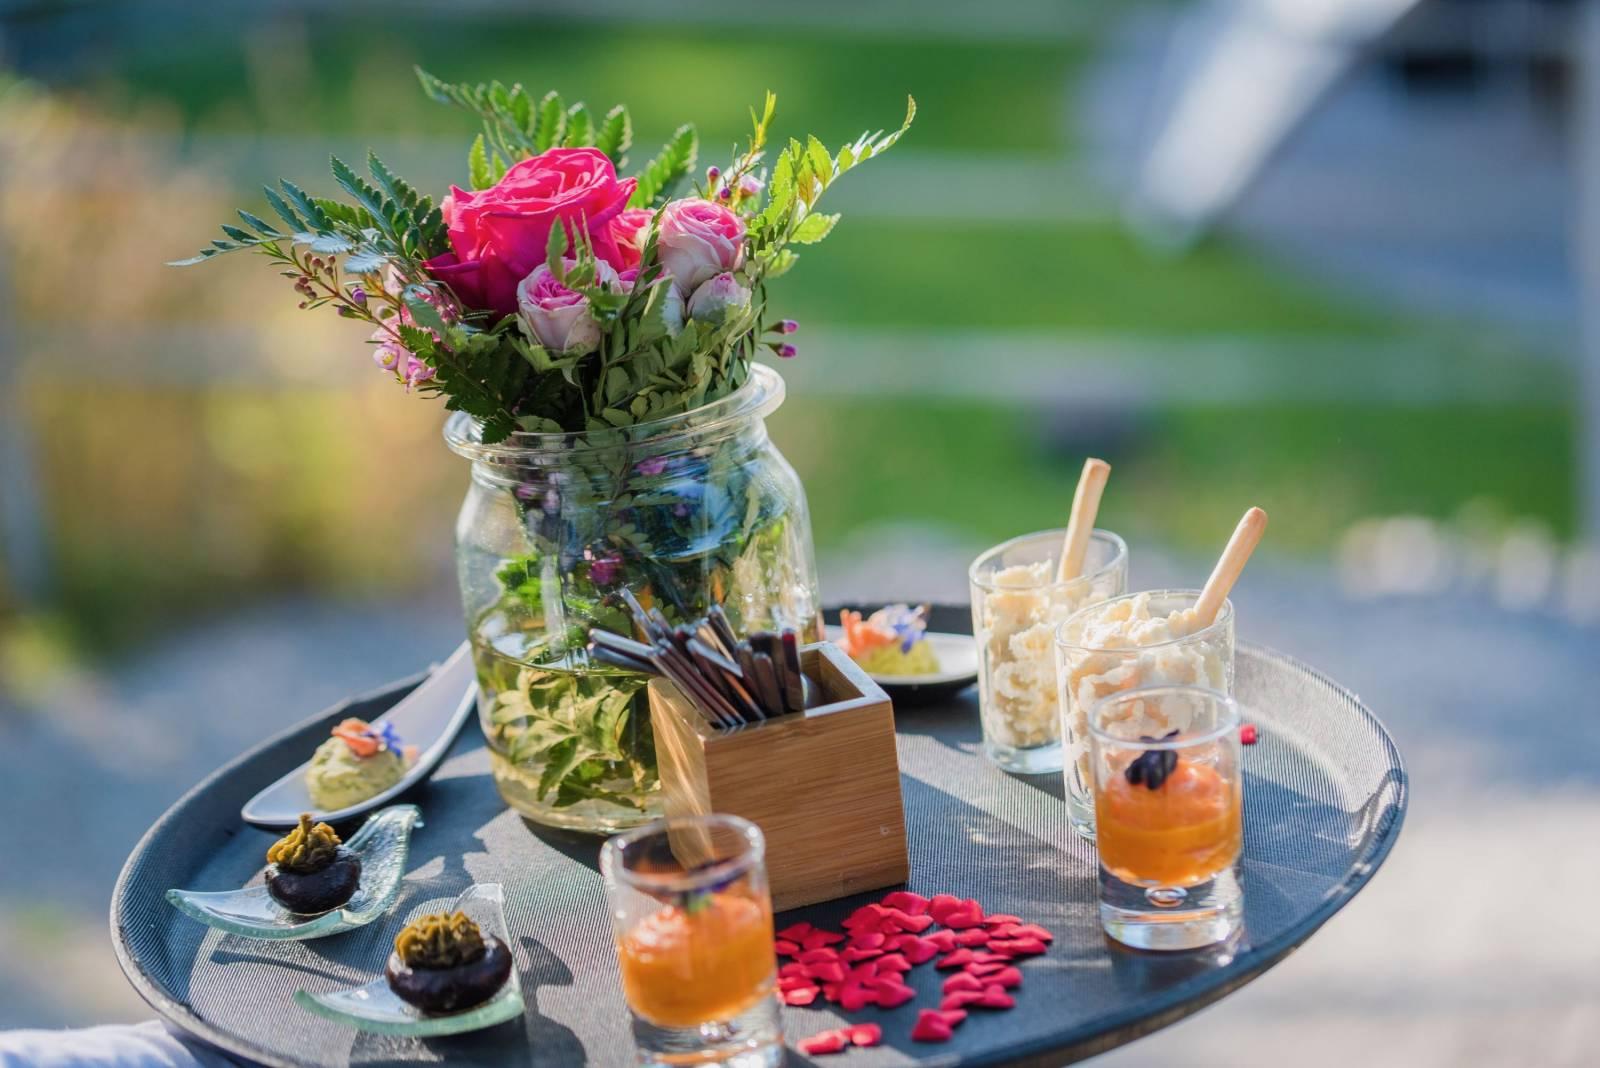 Biorganic - Catering - Cateraar - Traiteur - Biologisch - House of Weddings - 11